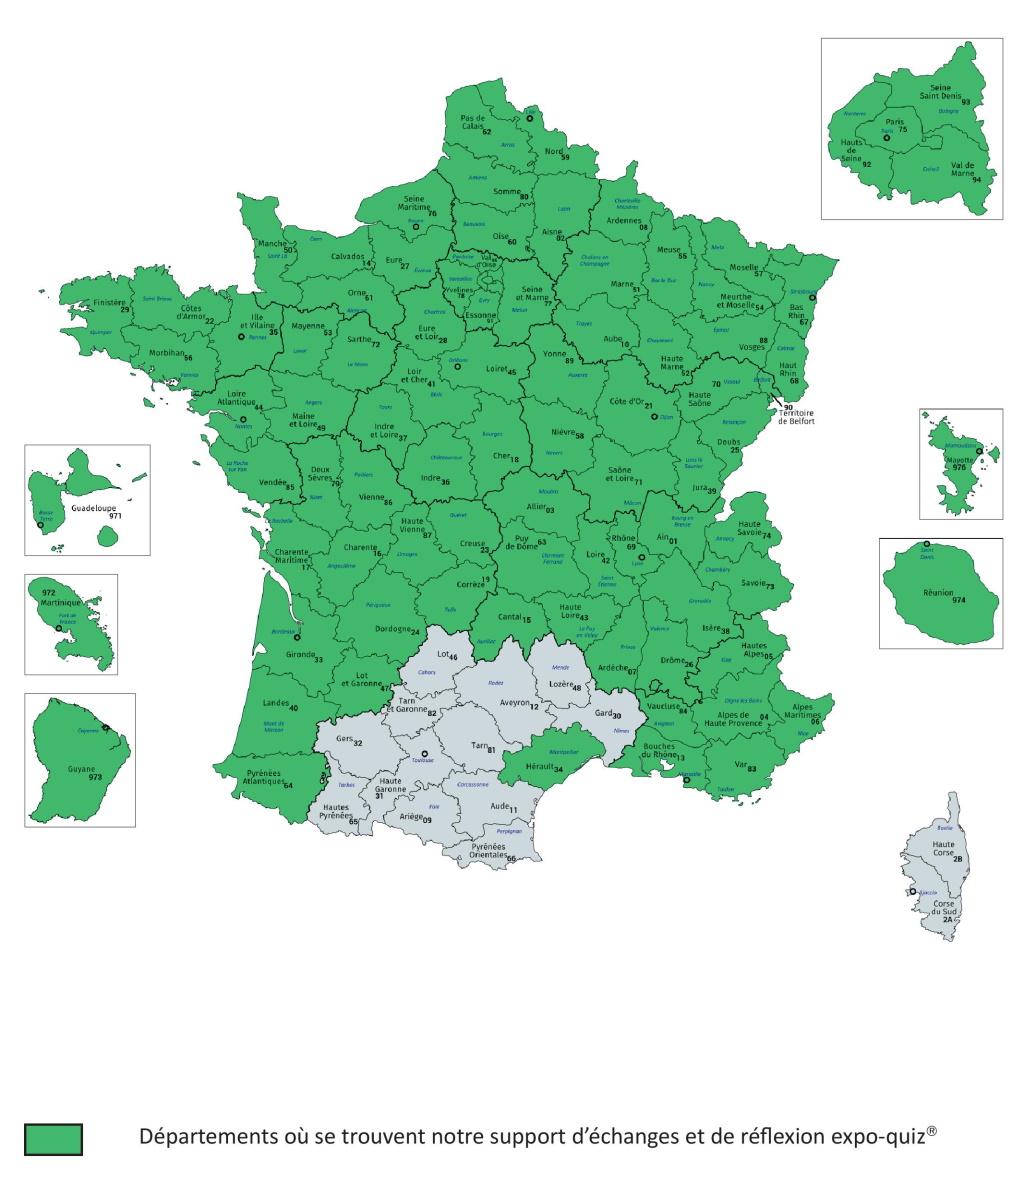 Présence territoriale expo-quiz® Je vote (boîtiers de vote électroniques) - Ma France, parlons-en ! - 26/11/2019